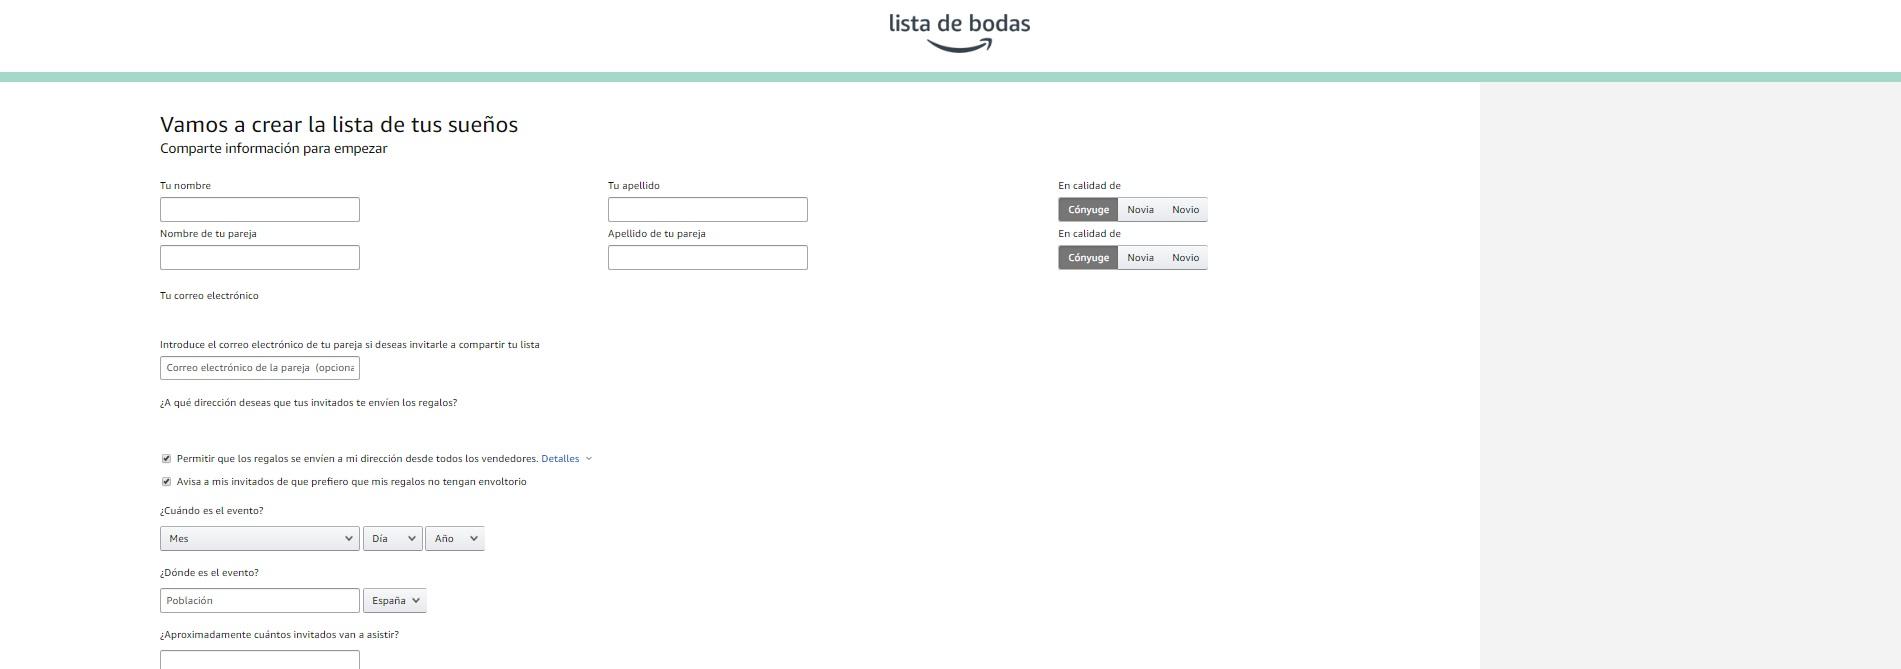 formulario de amazon para crear lista de bodas